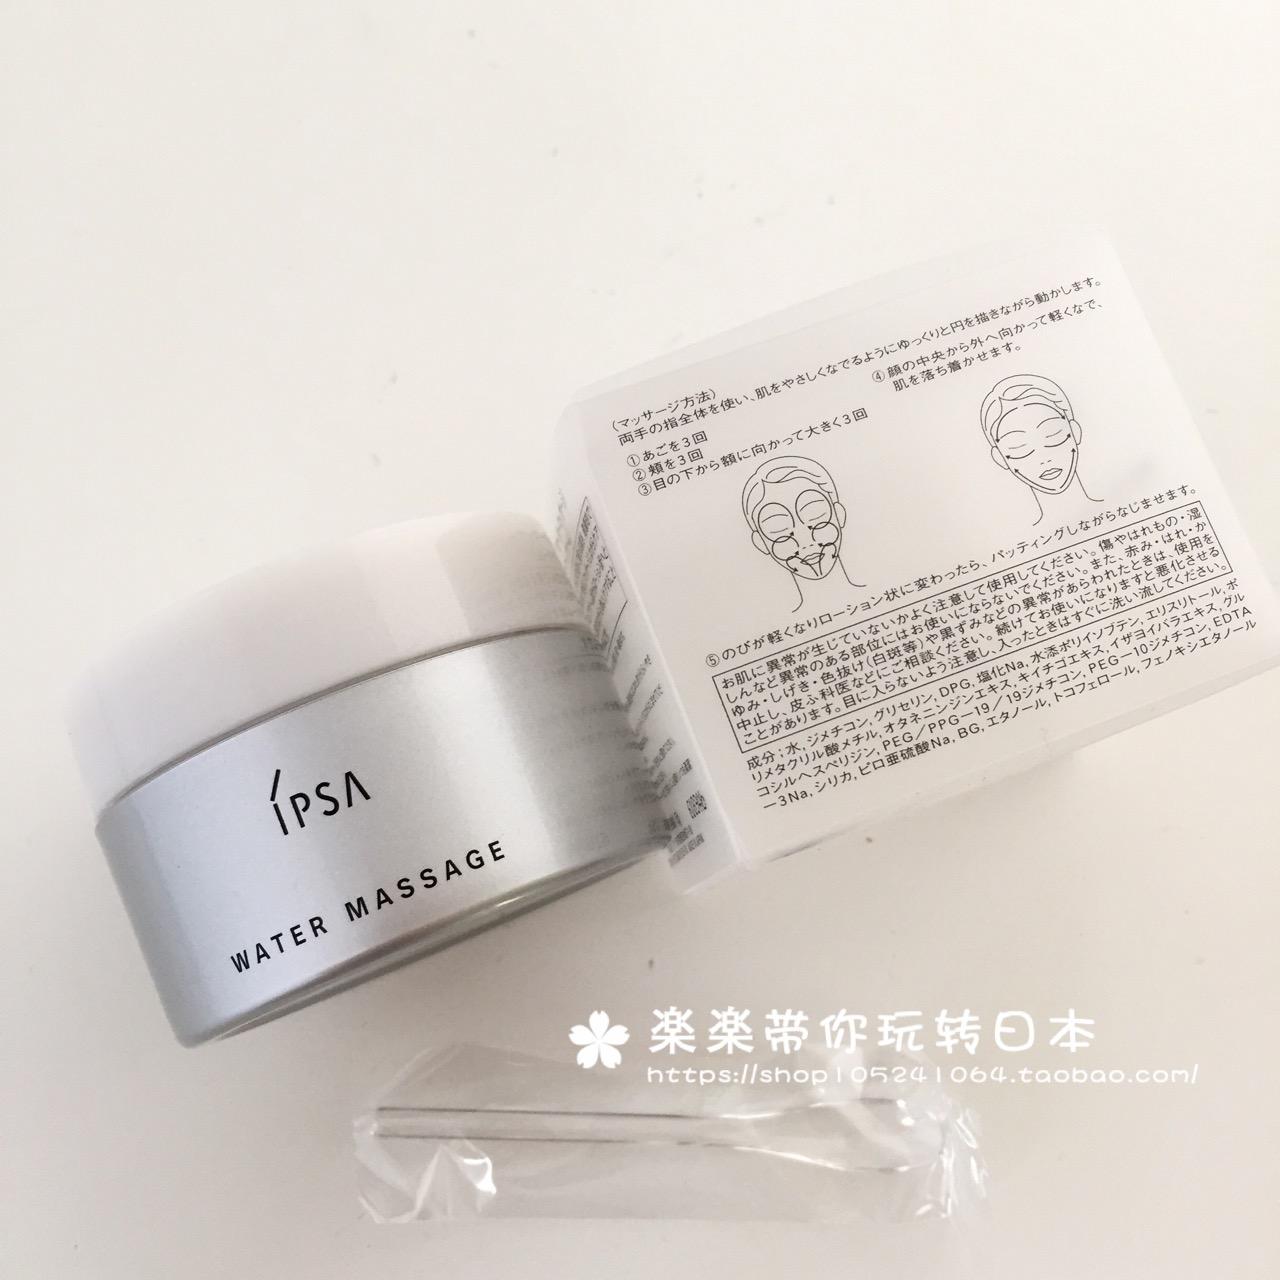 日本代购直邮 ipsa茵芙纱 水凝按摩霜 保湿滋润增强透明度 75g